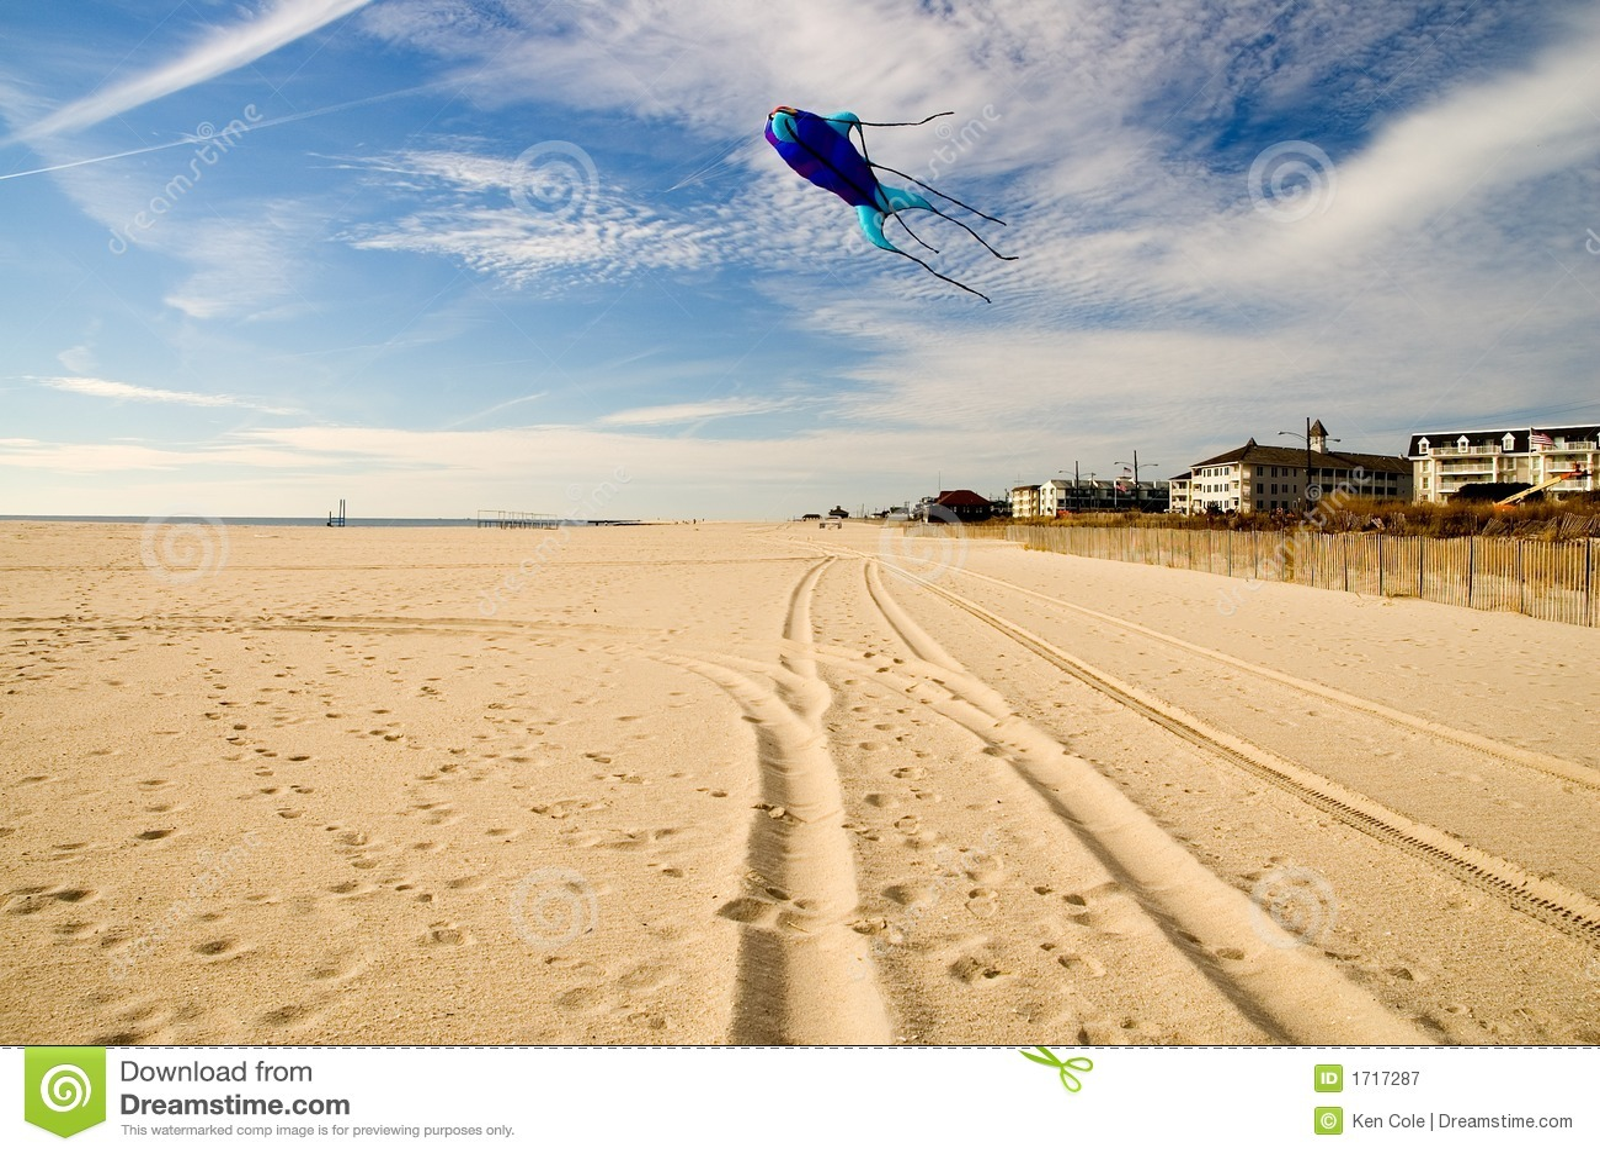 Vôo do papagaio no Beach-1